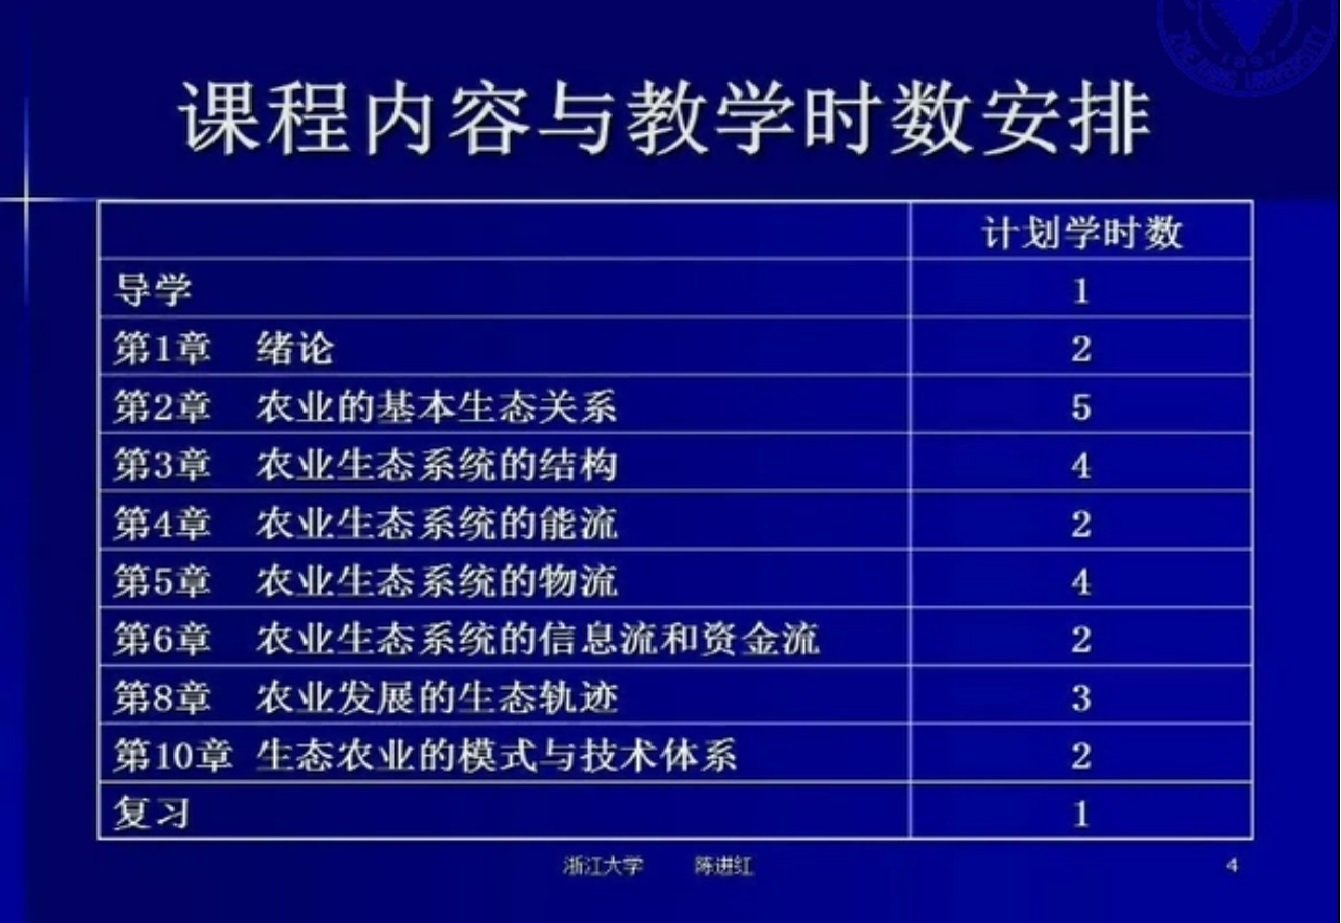 【9420-8529】農業生態學 教學影片(MP4檔案格式) - ( 24 堂課 浙江大學 ) 330元 !